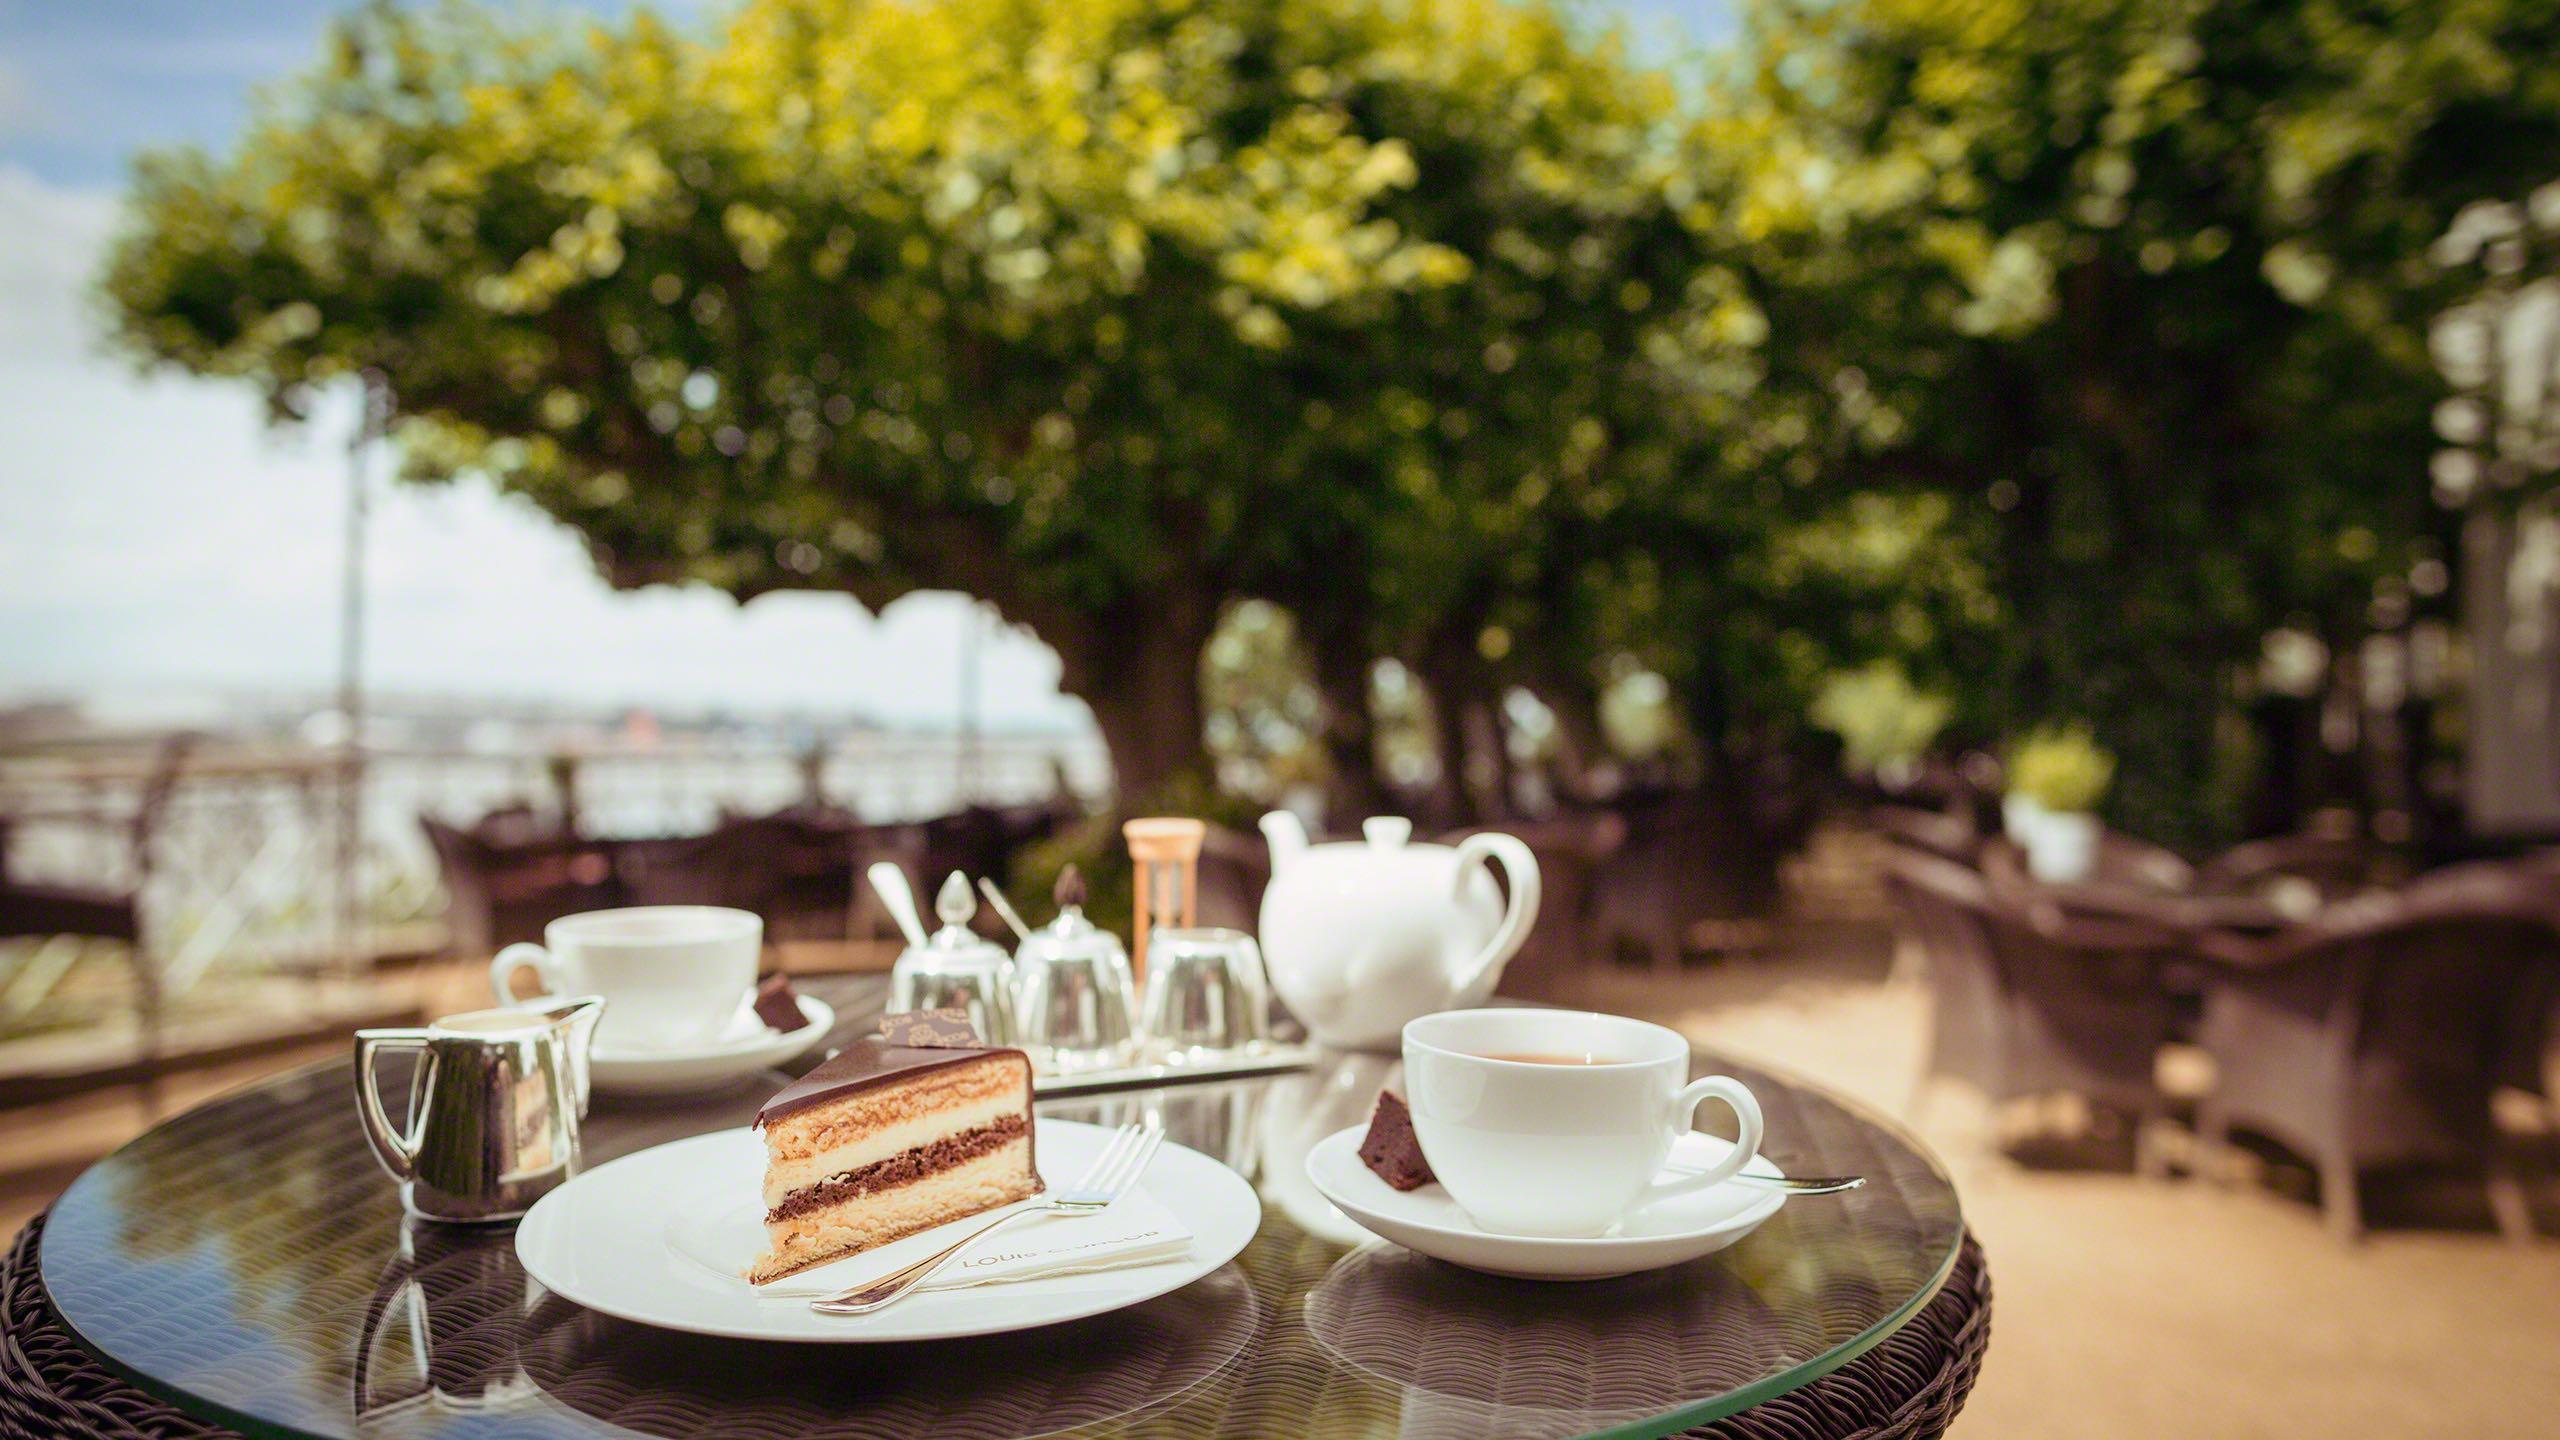 Lindenterrasse des Hotel Louis C. Jacob Hamburg. Der Tisch ist eingedeckt mit Tee und Champagnertorte mit Blick auf die grünen Bäume und die Elbe samt Hafen.